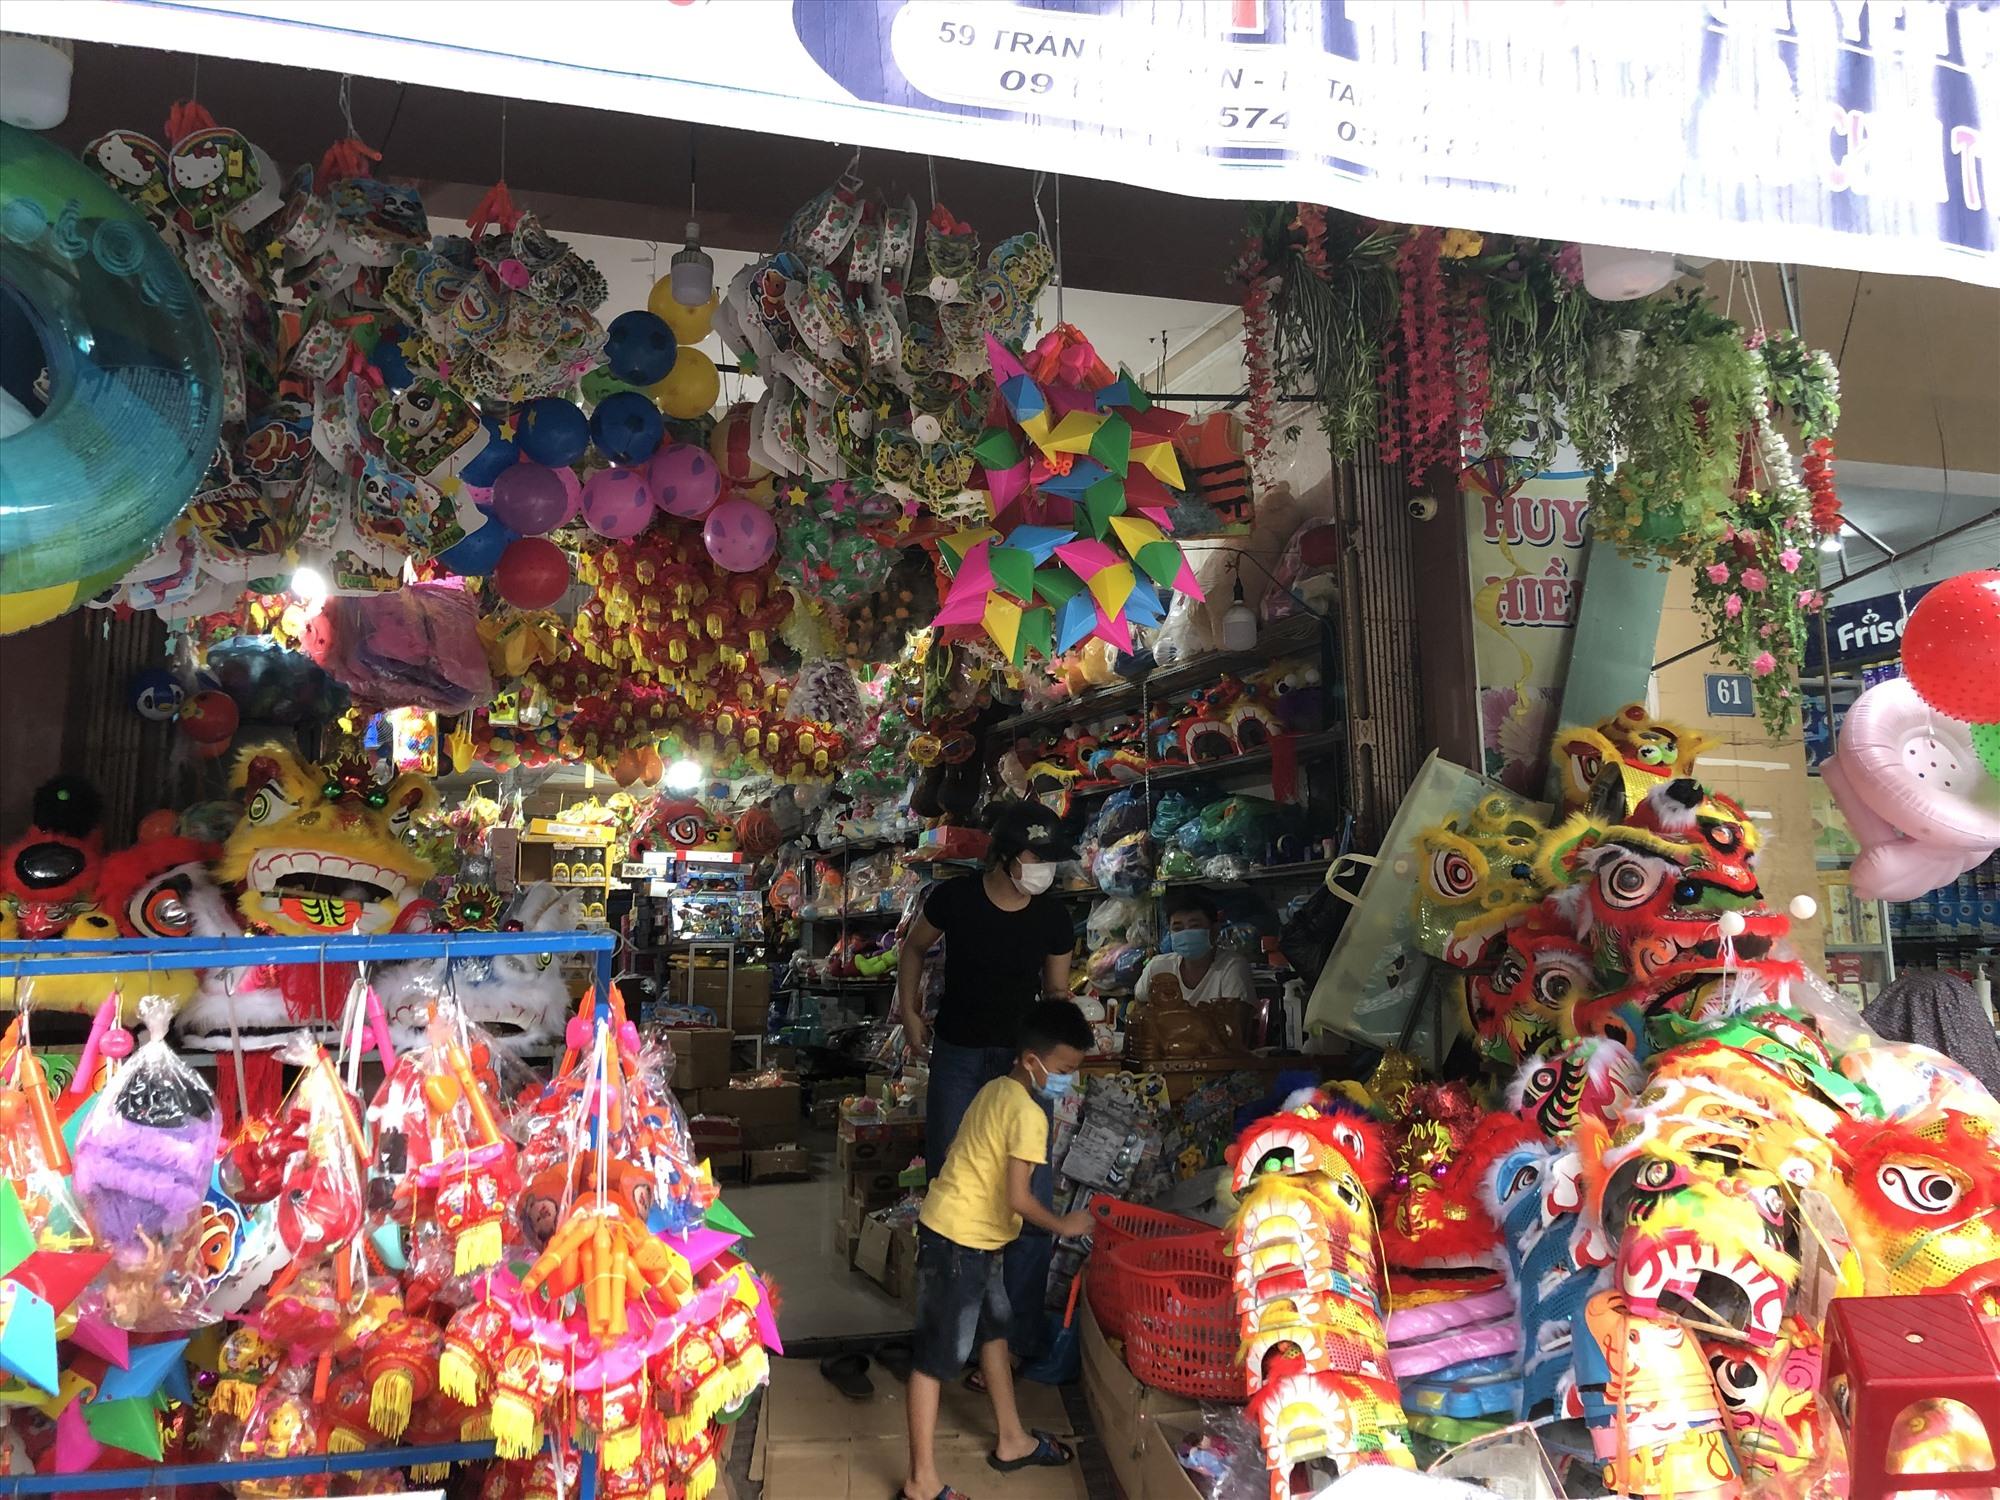 Lượng người đến mua đồ chơi Trung thu tại cửa hàng Huy Hiền chỉ đếm trên đầu ngón tay. Ảnh: KL